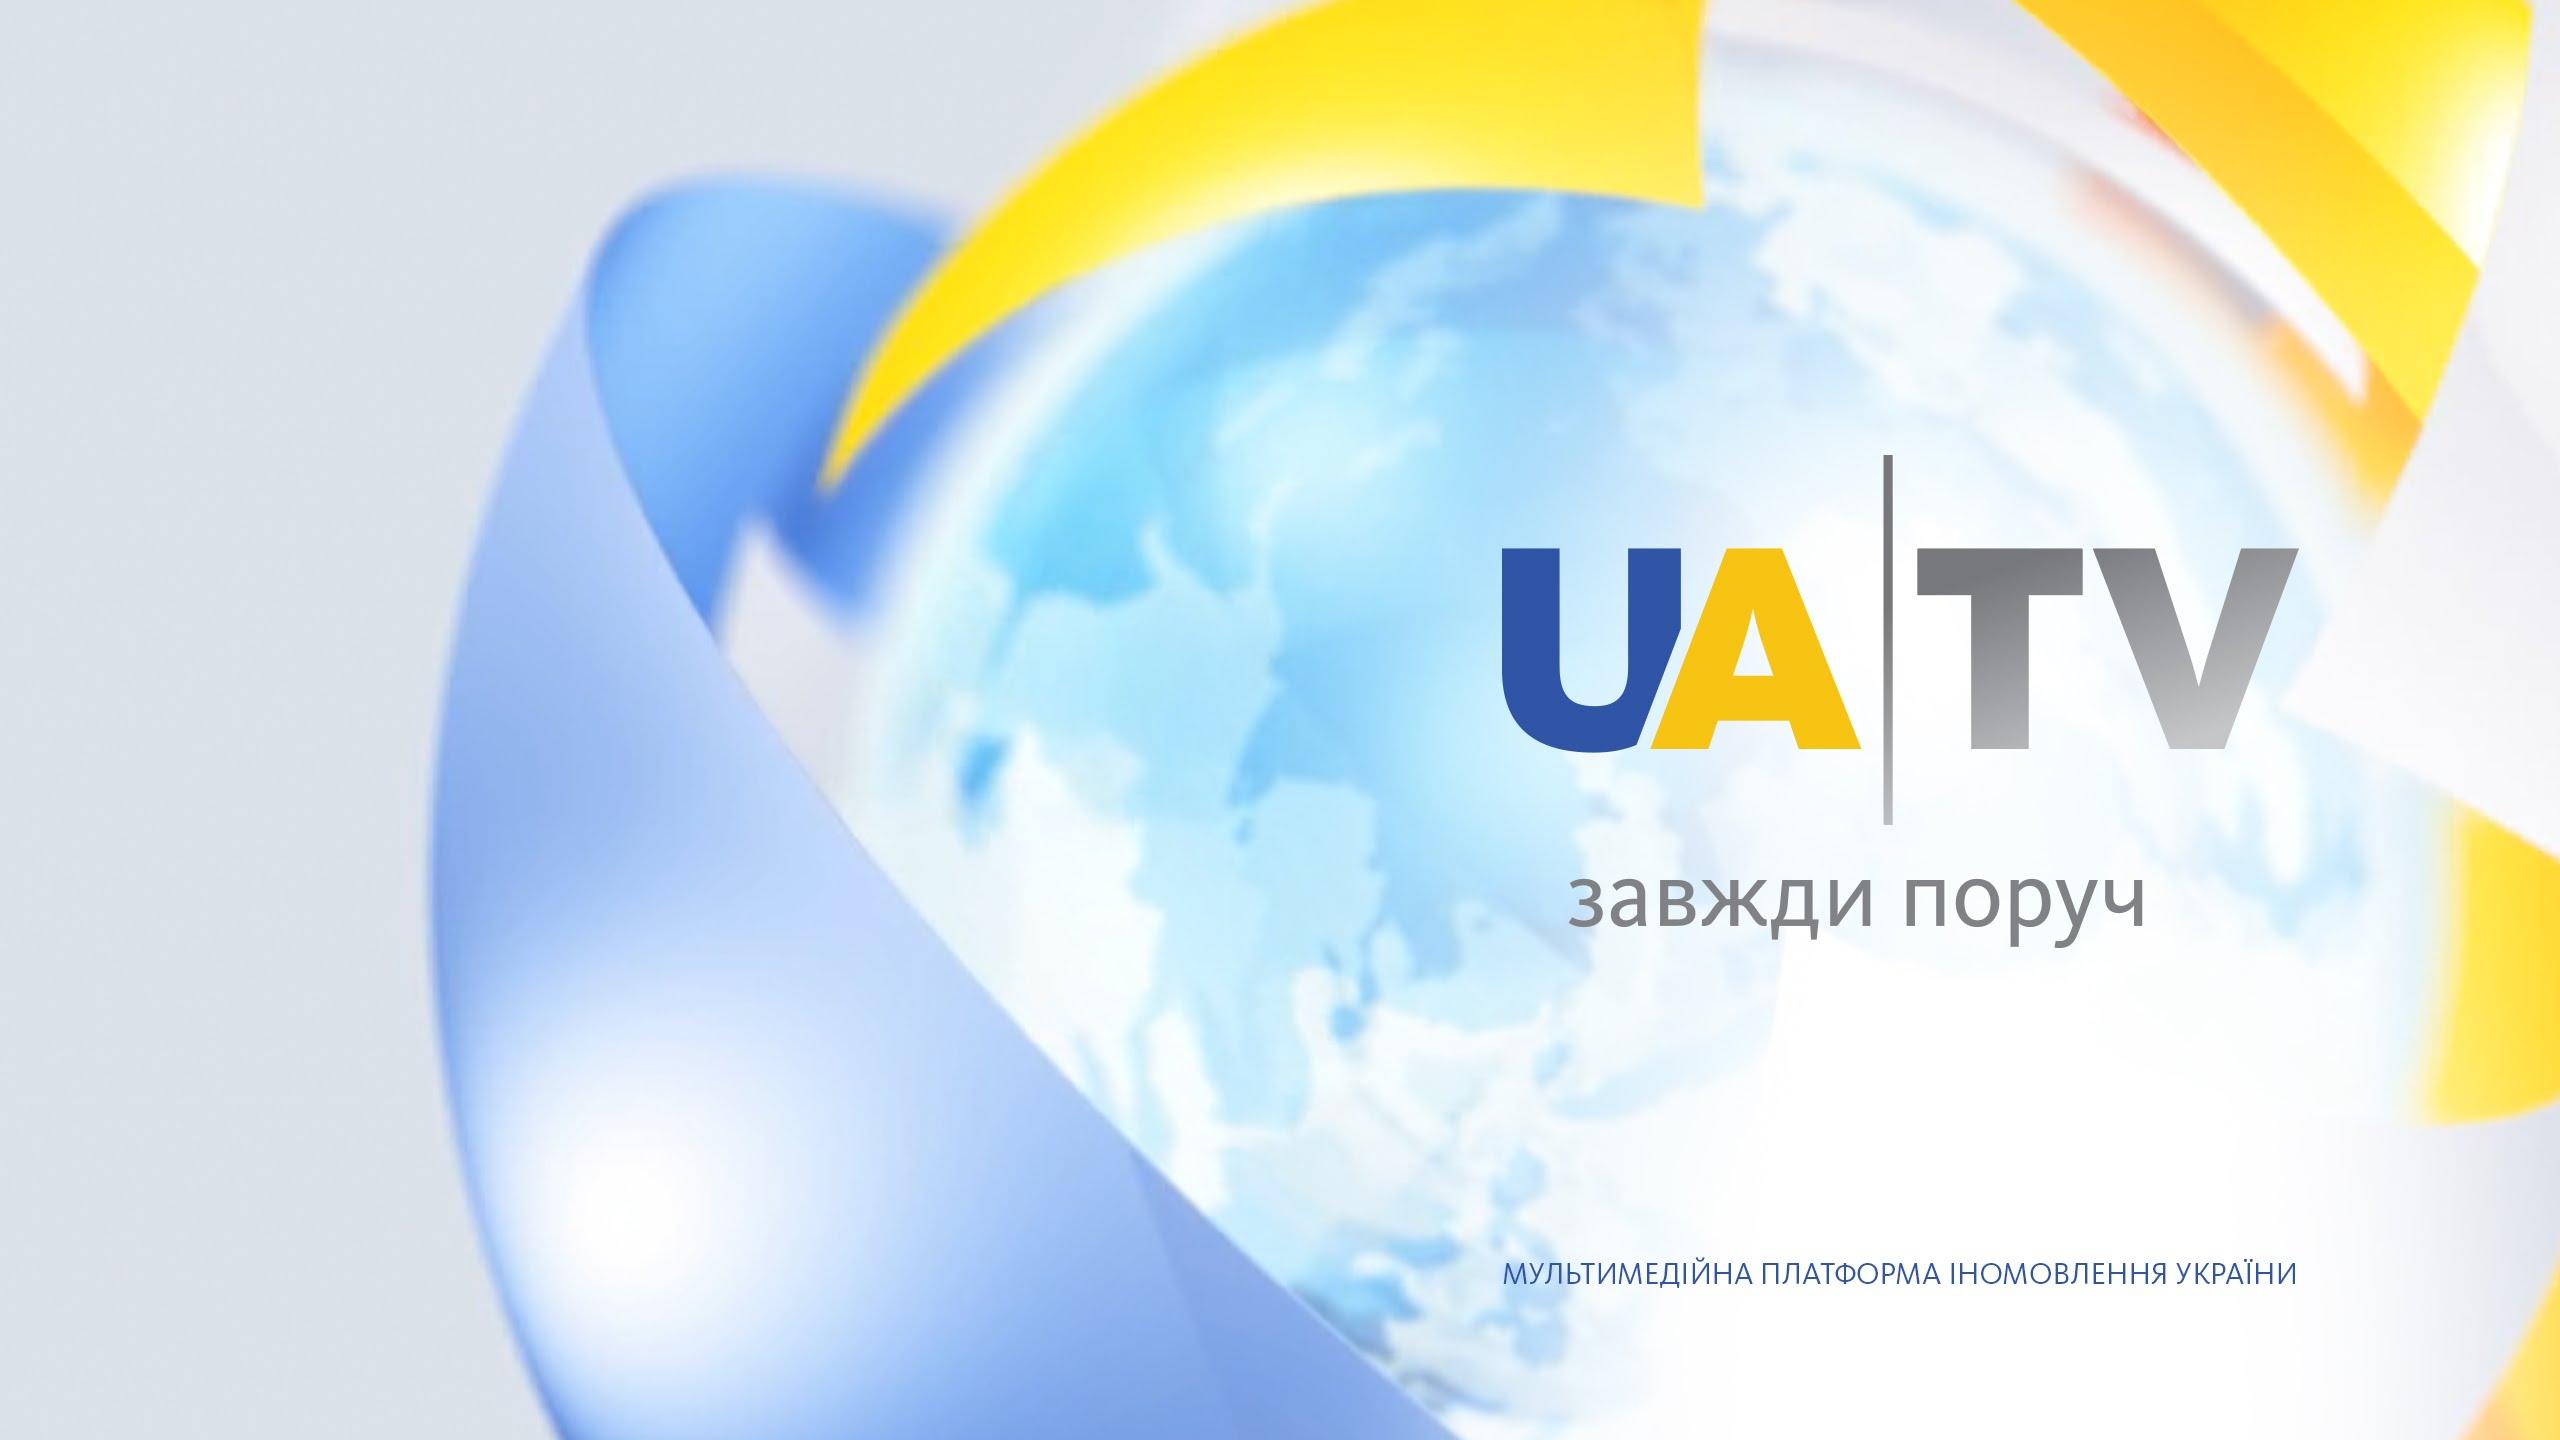 Україна планує запустити мовлення UATV у Білорусі – Зубко